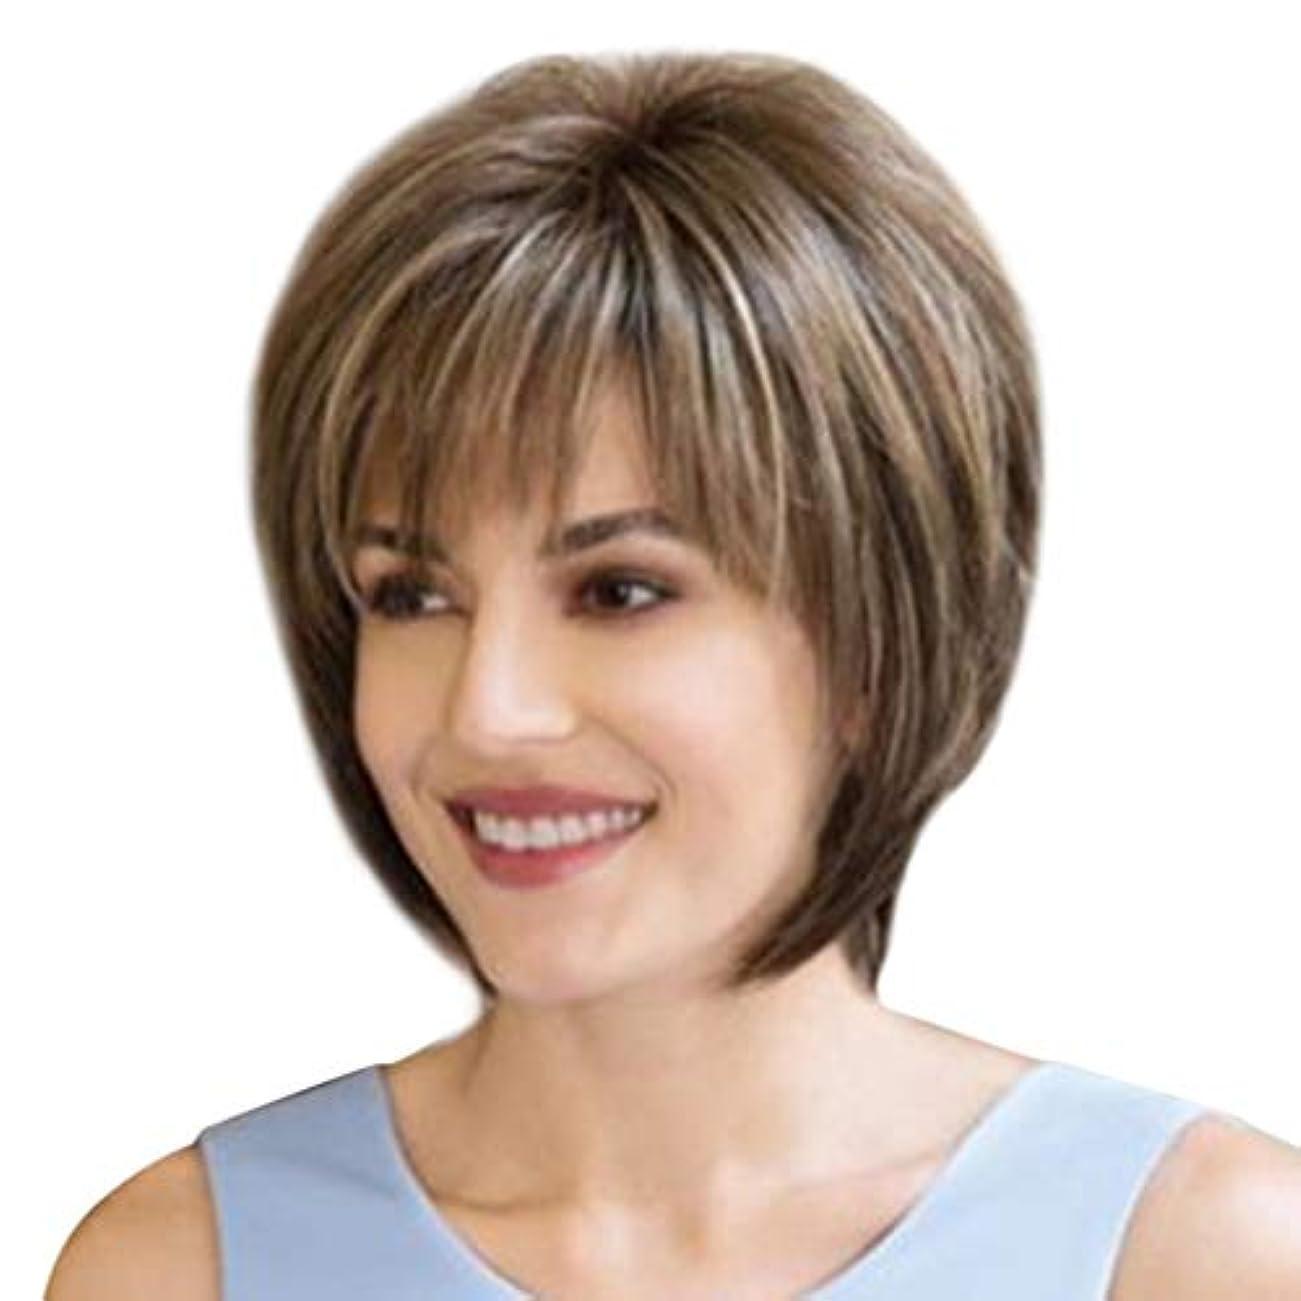 インレイ制限するブラストCinhent 8インチファッション合成ストレートショートレディースウィッグふわふわ染色天然のリアルな髪の毛のかつら女性のファイバー